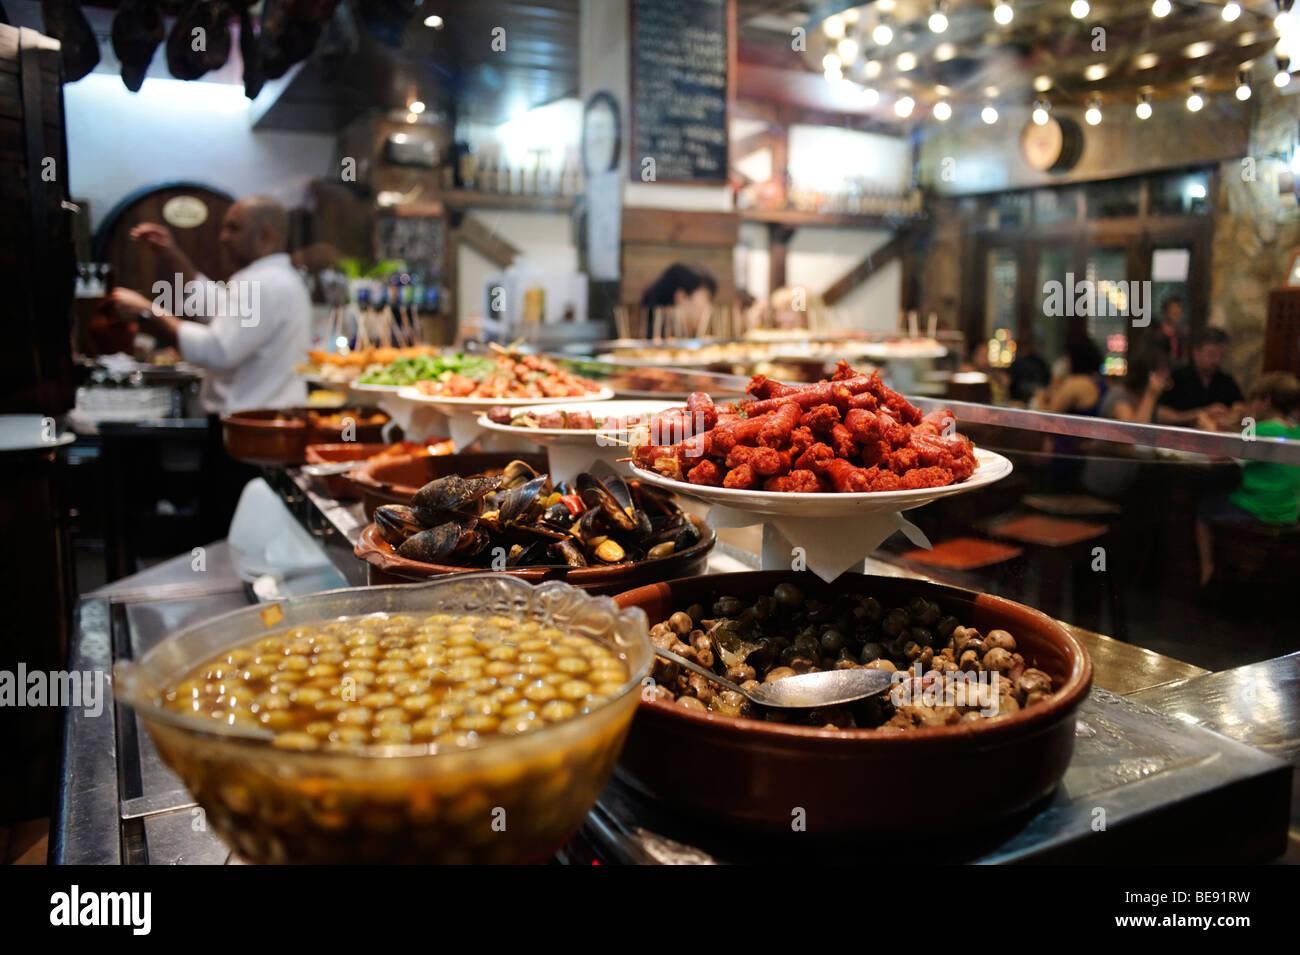 Selección de tapas en un bar. El Barri Gòtic. Barcelona. España Imagen De Stock